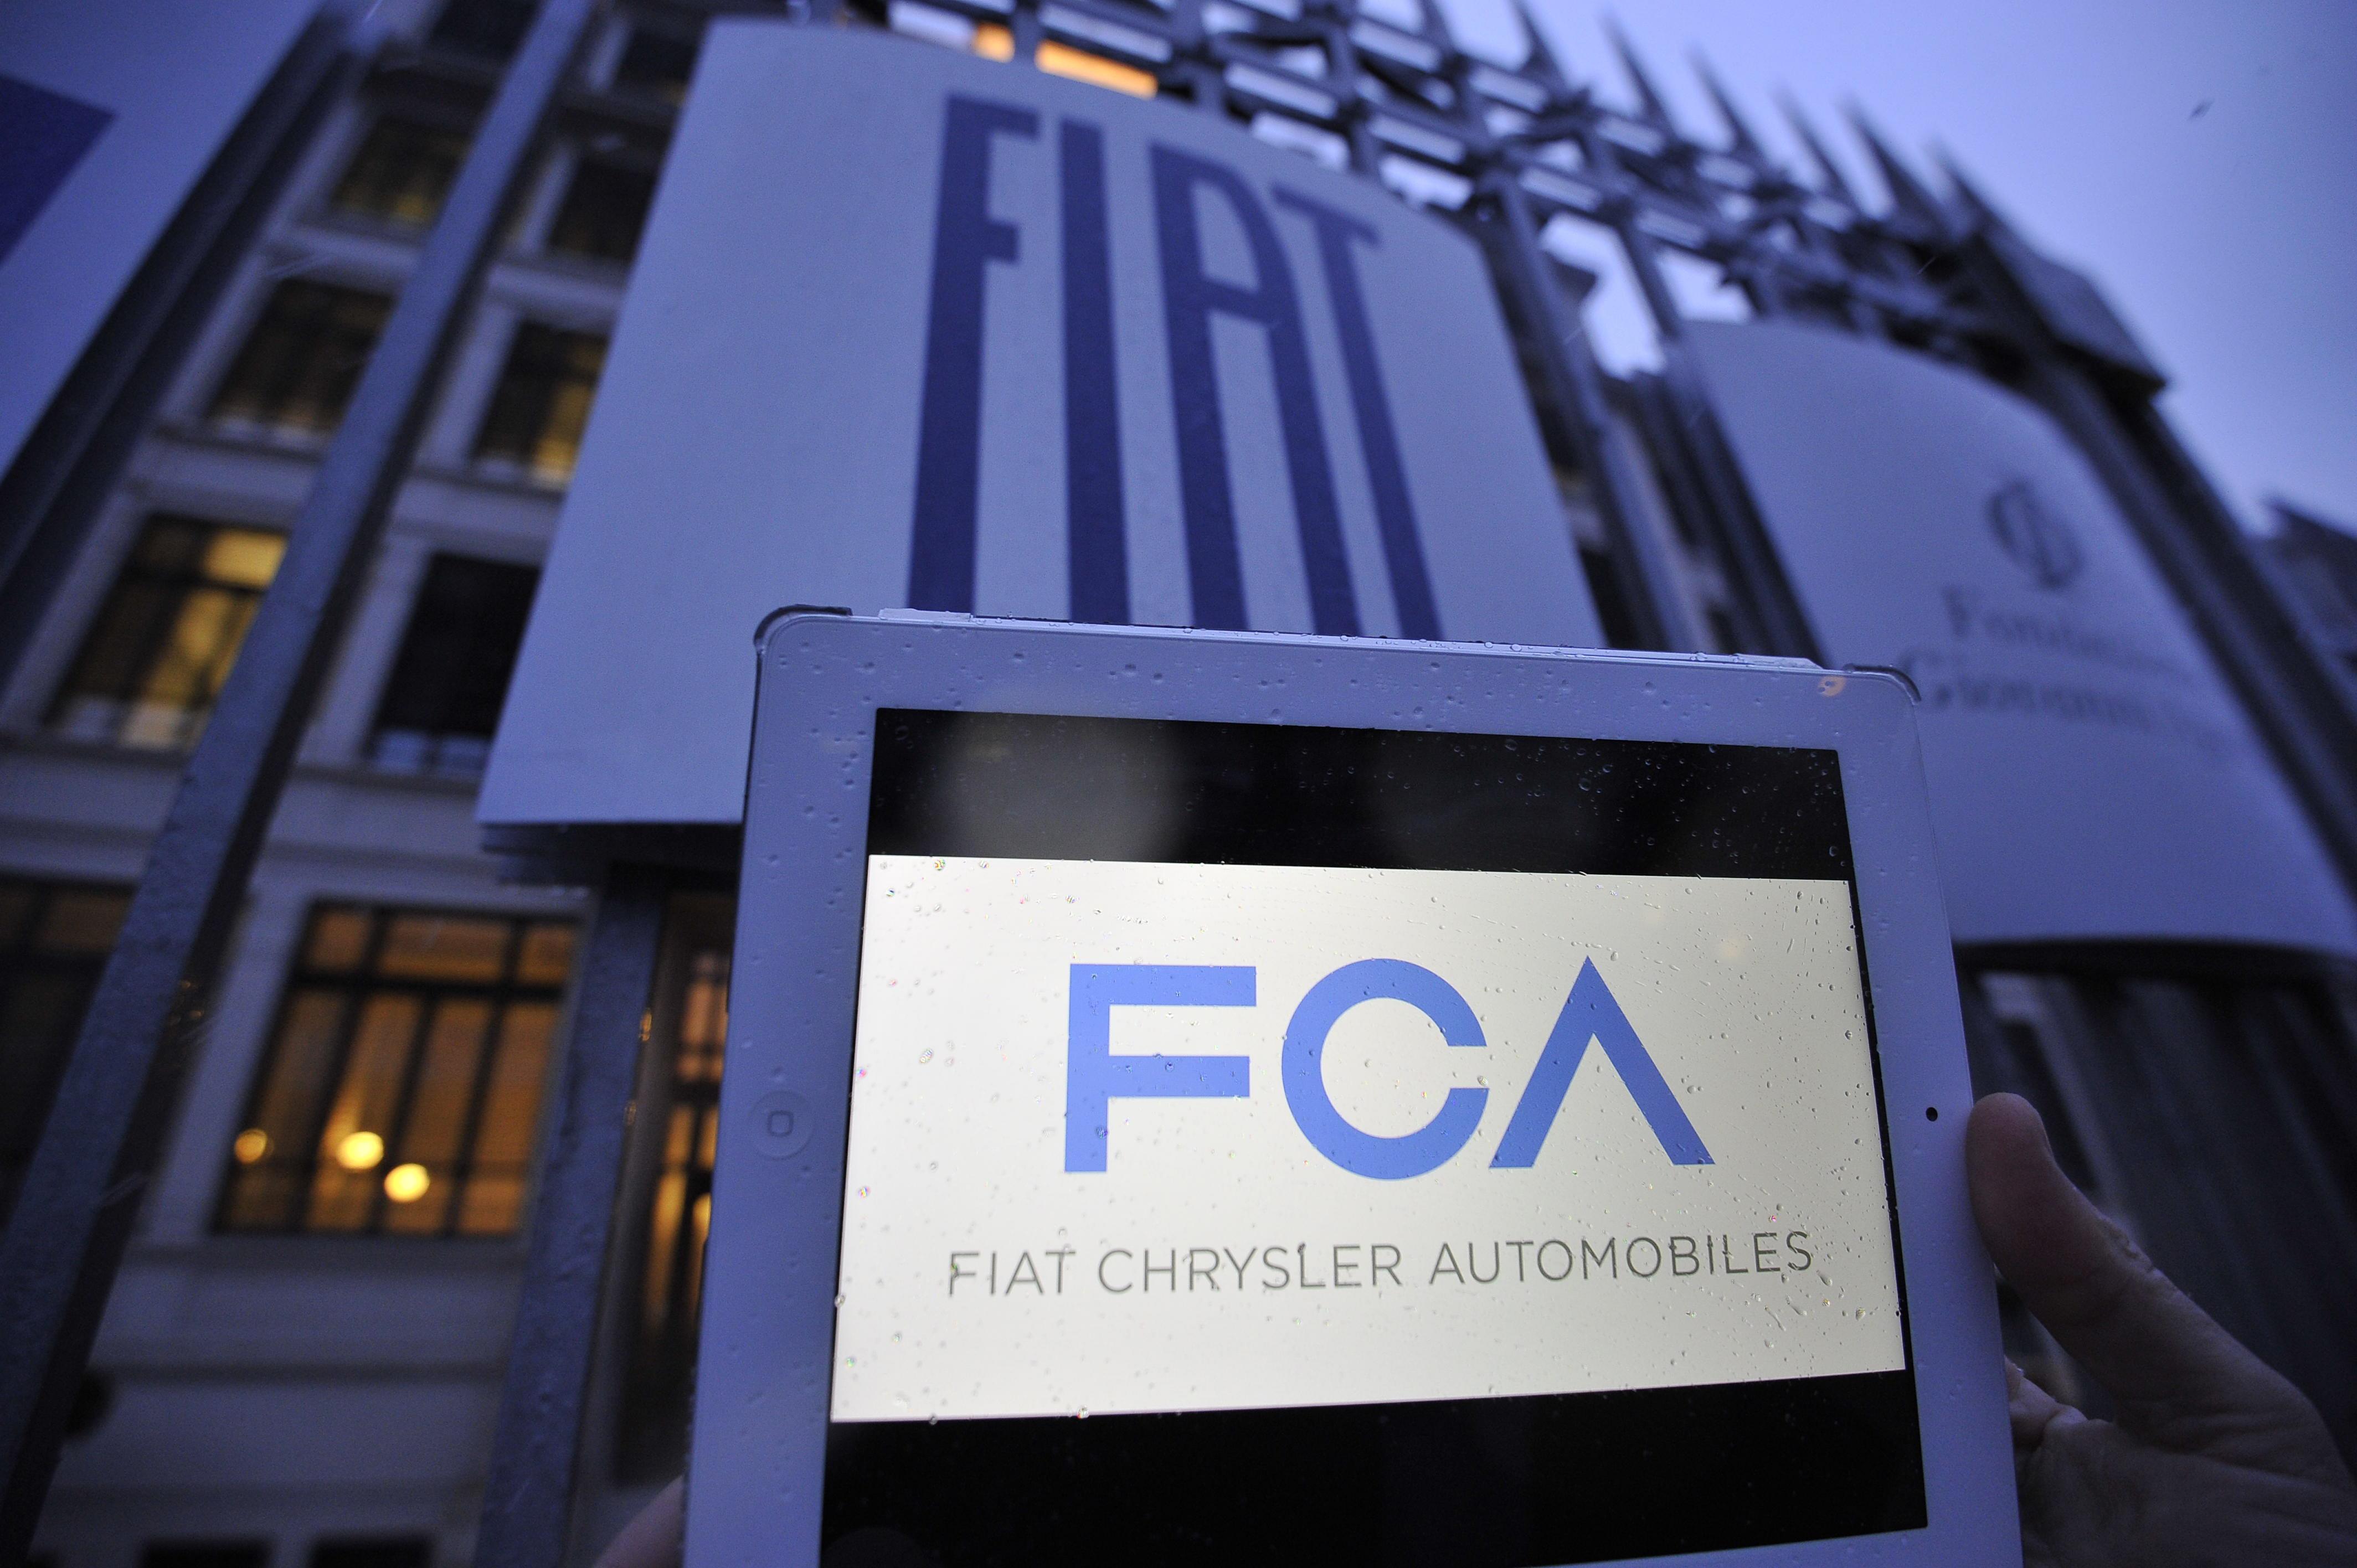 Nel 2014 Fiat Chrysler Automobiles fattura quasi 100 miliardi, +11% rispetto al 2013. Stabile il Titolo